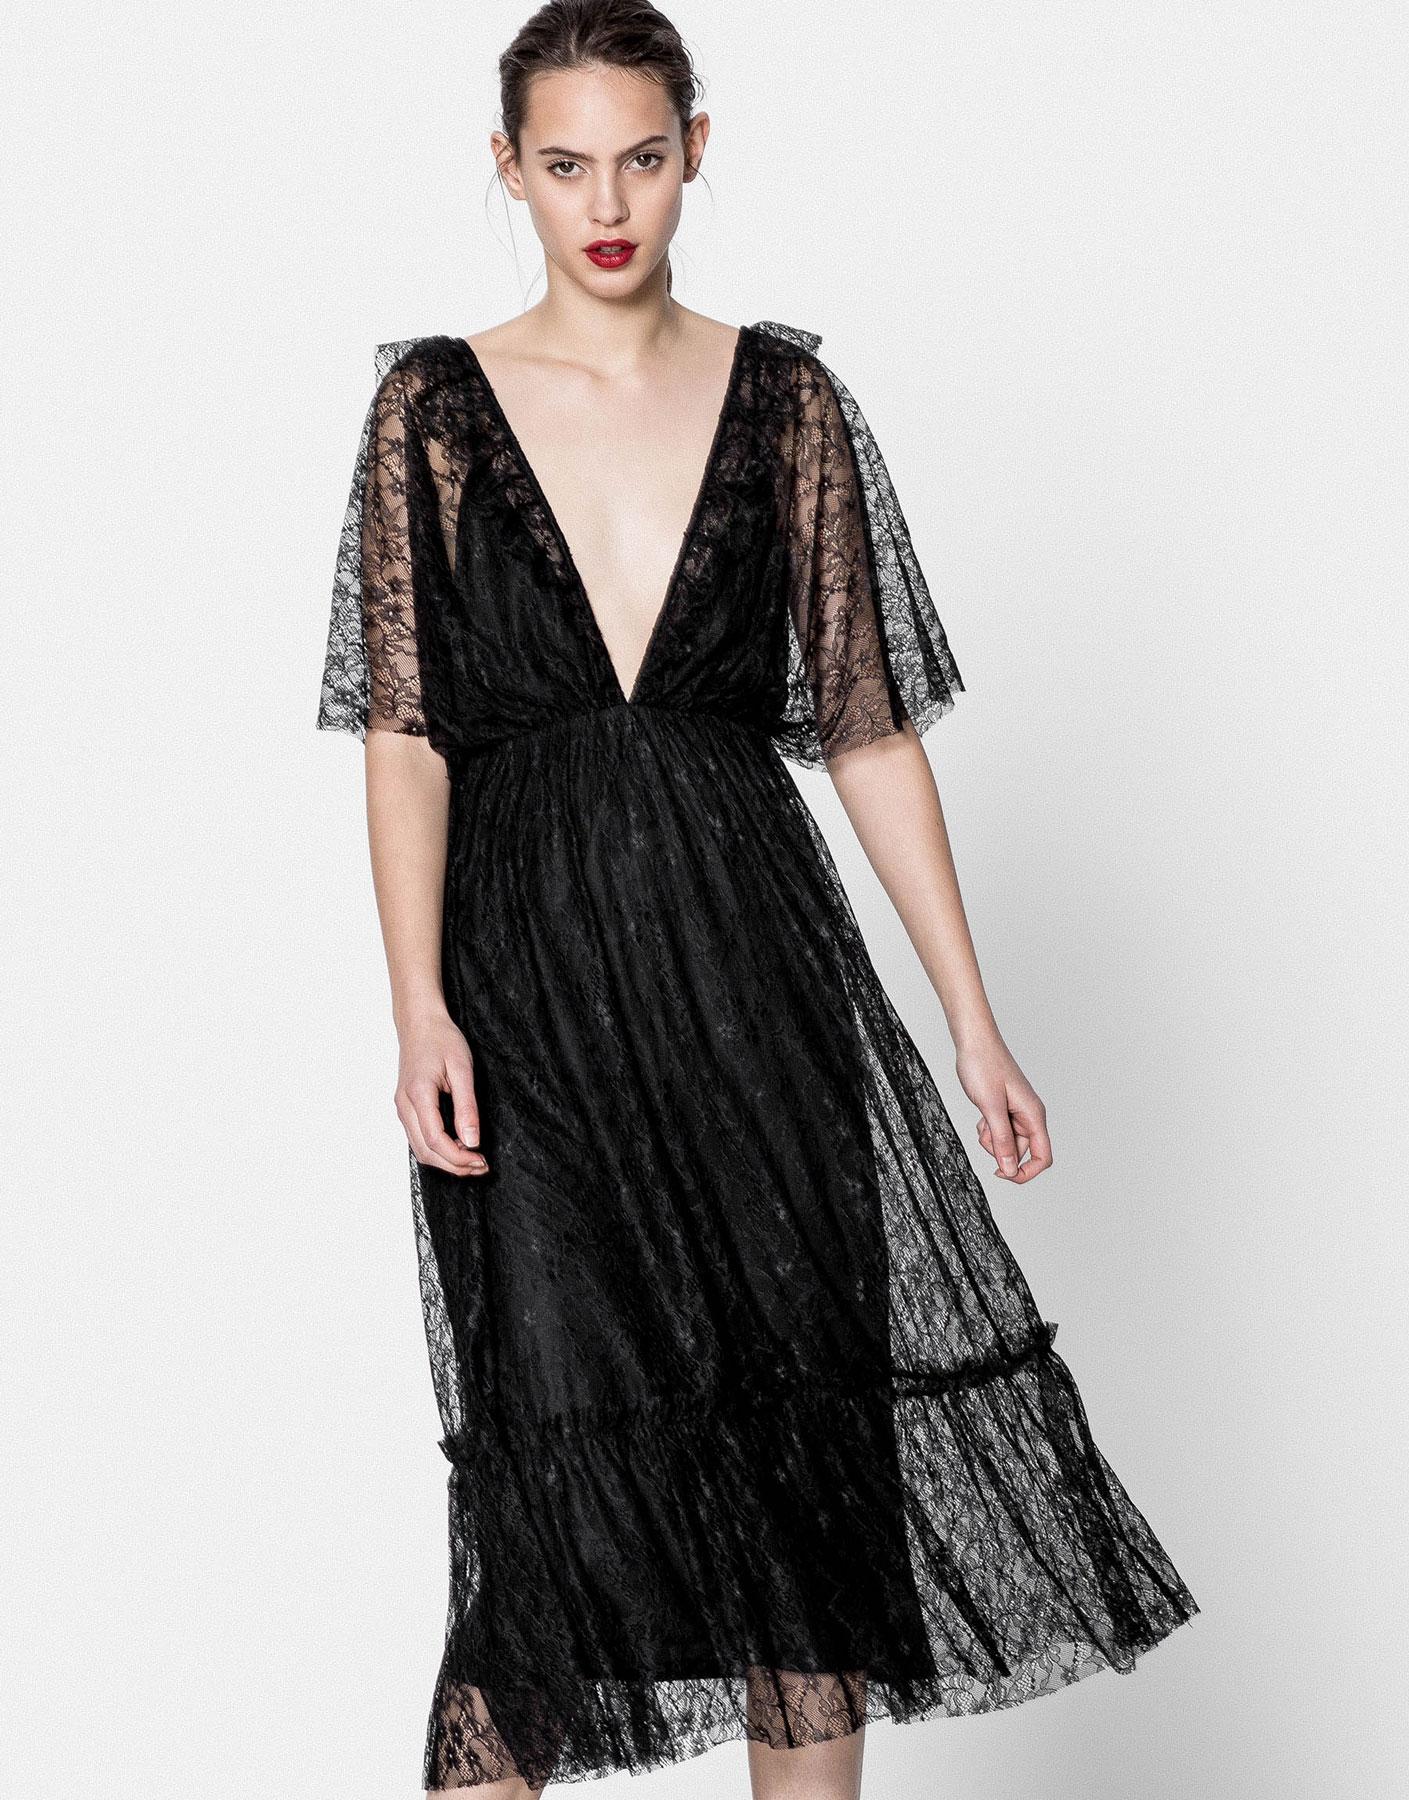 Lace V-neck evening dress